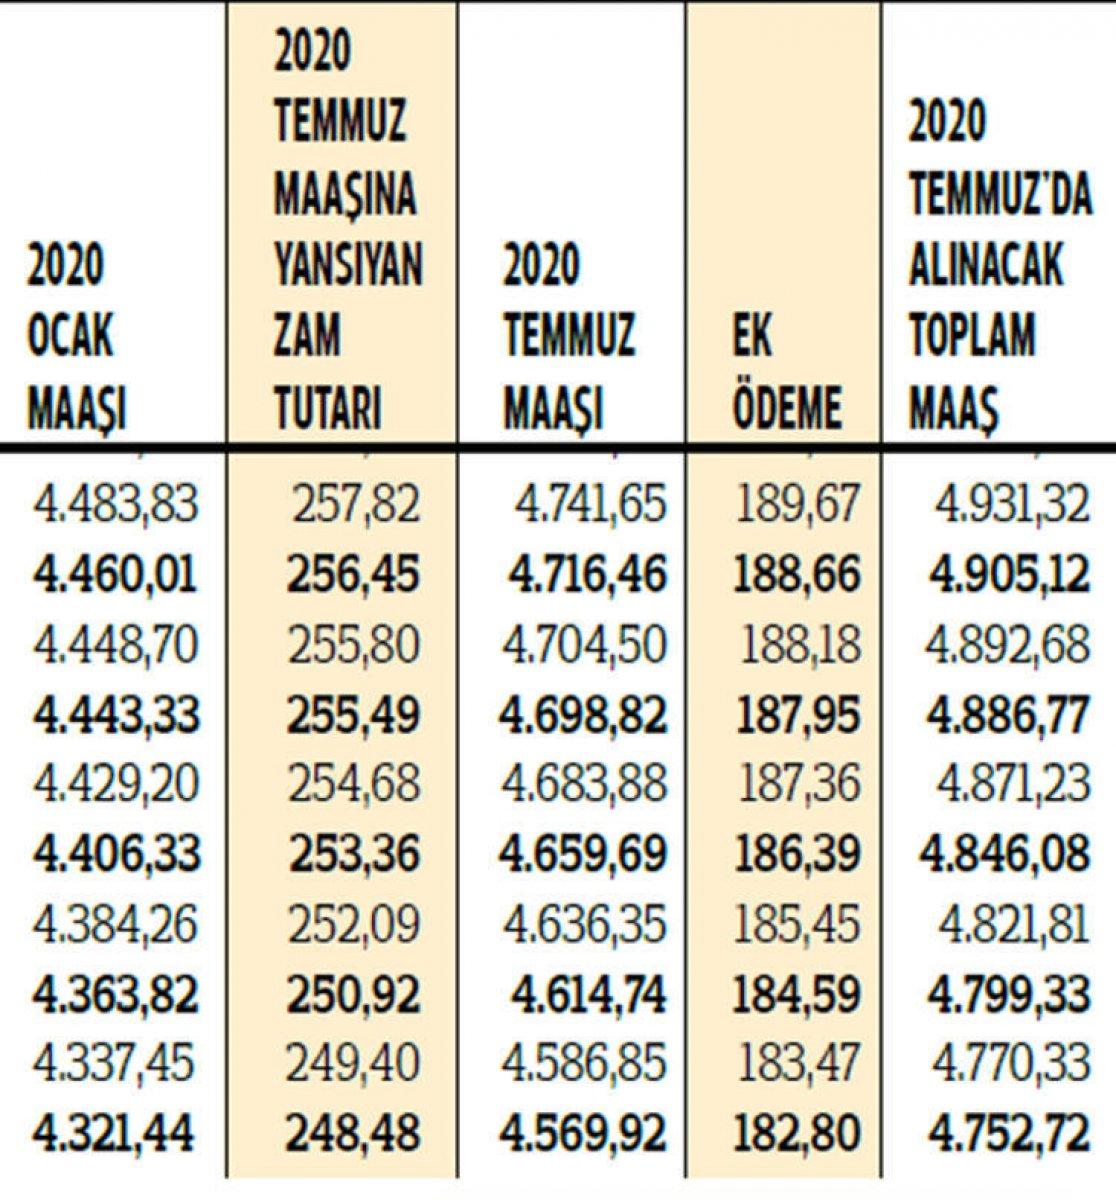 2020 yılı zamlı emekli maaşları hesaplandı #7